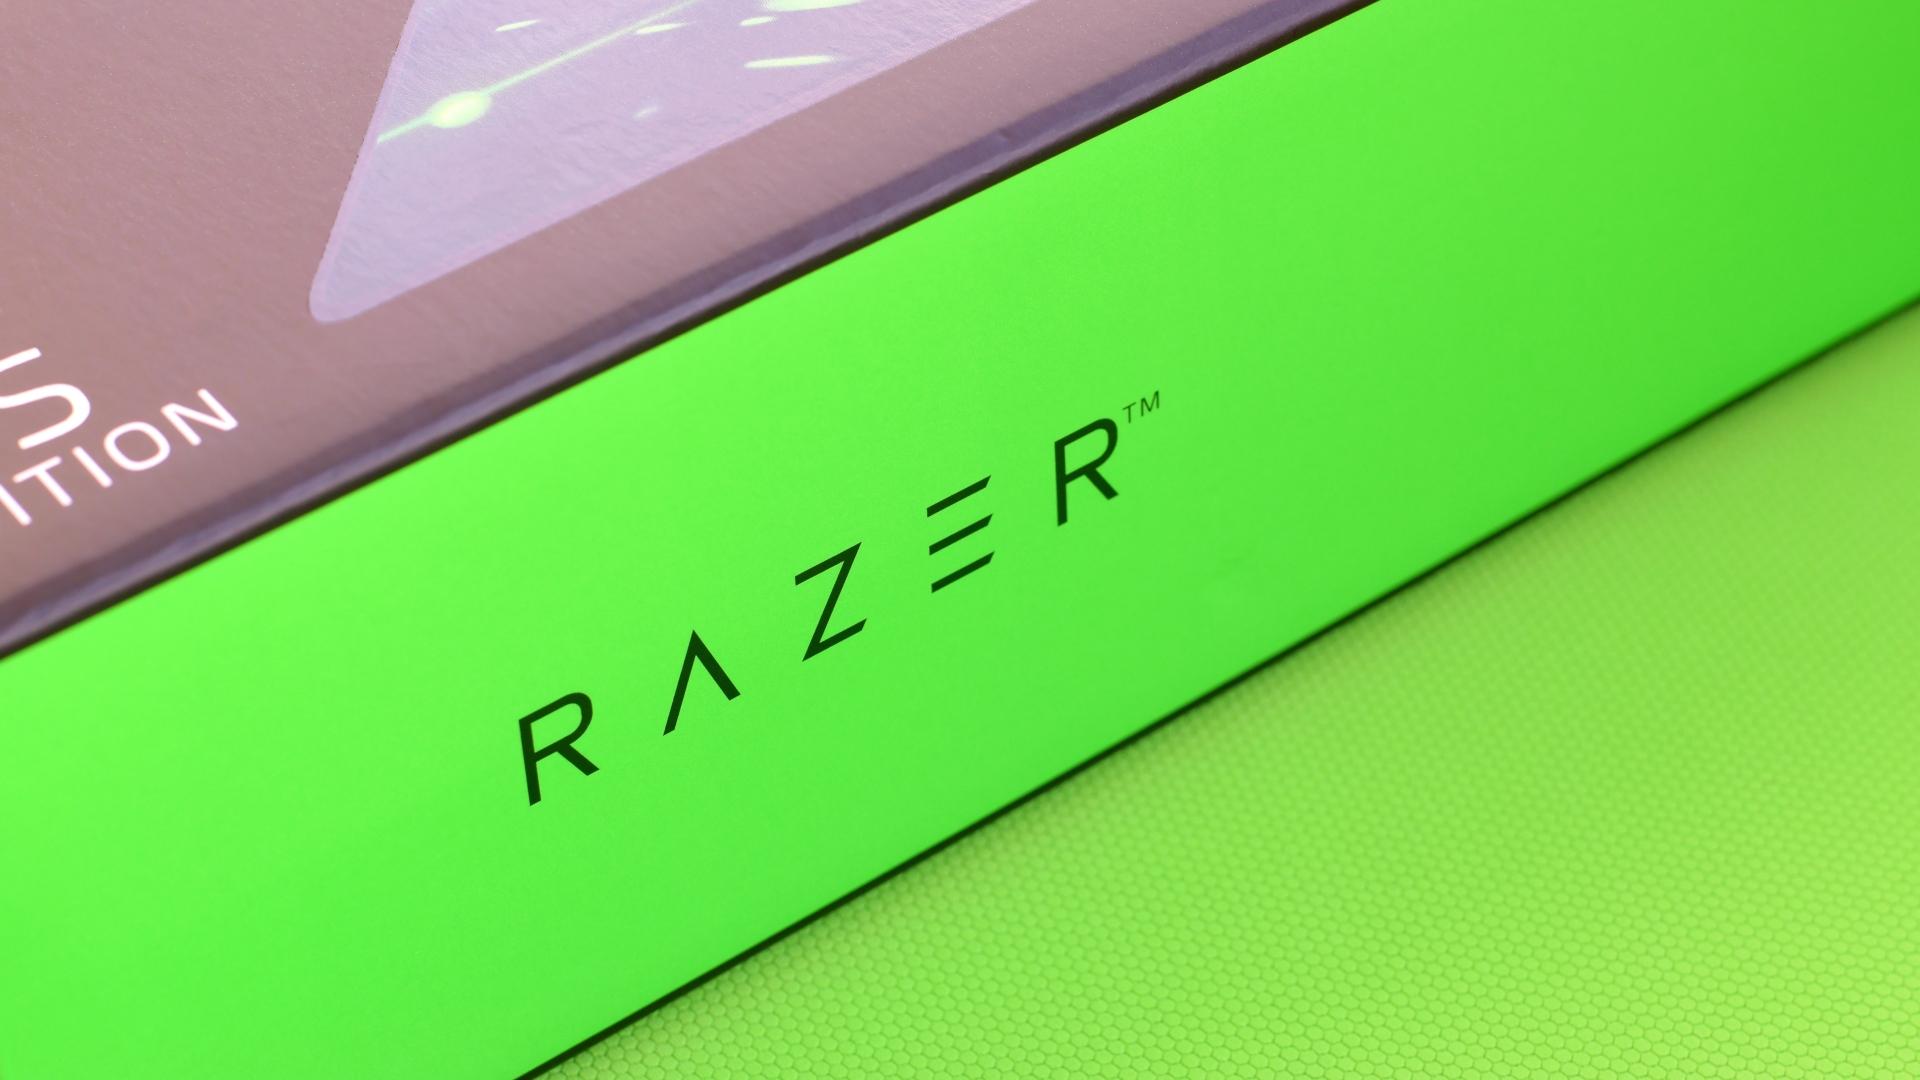 شركة ريزر